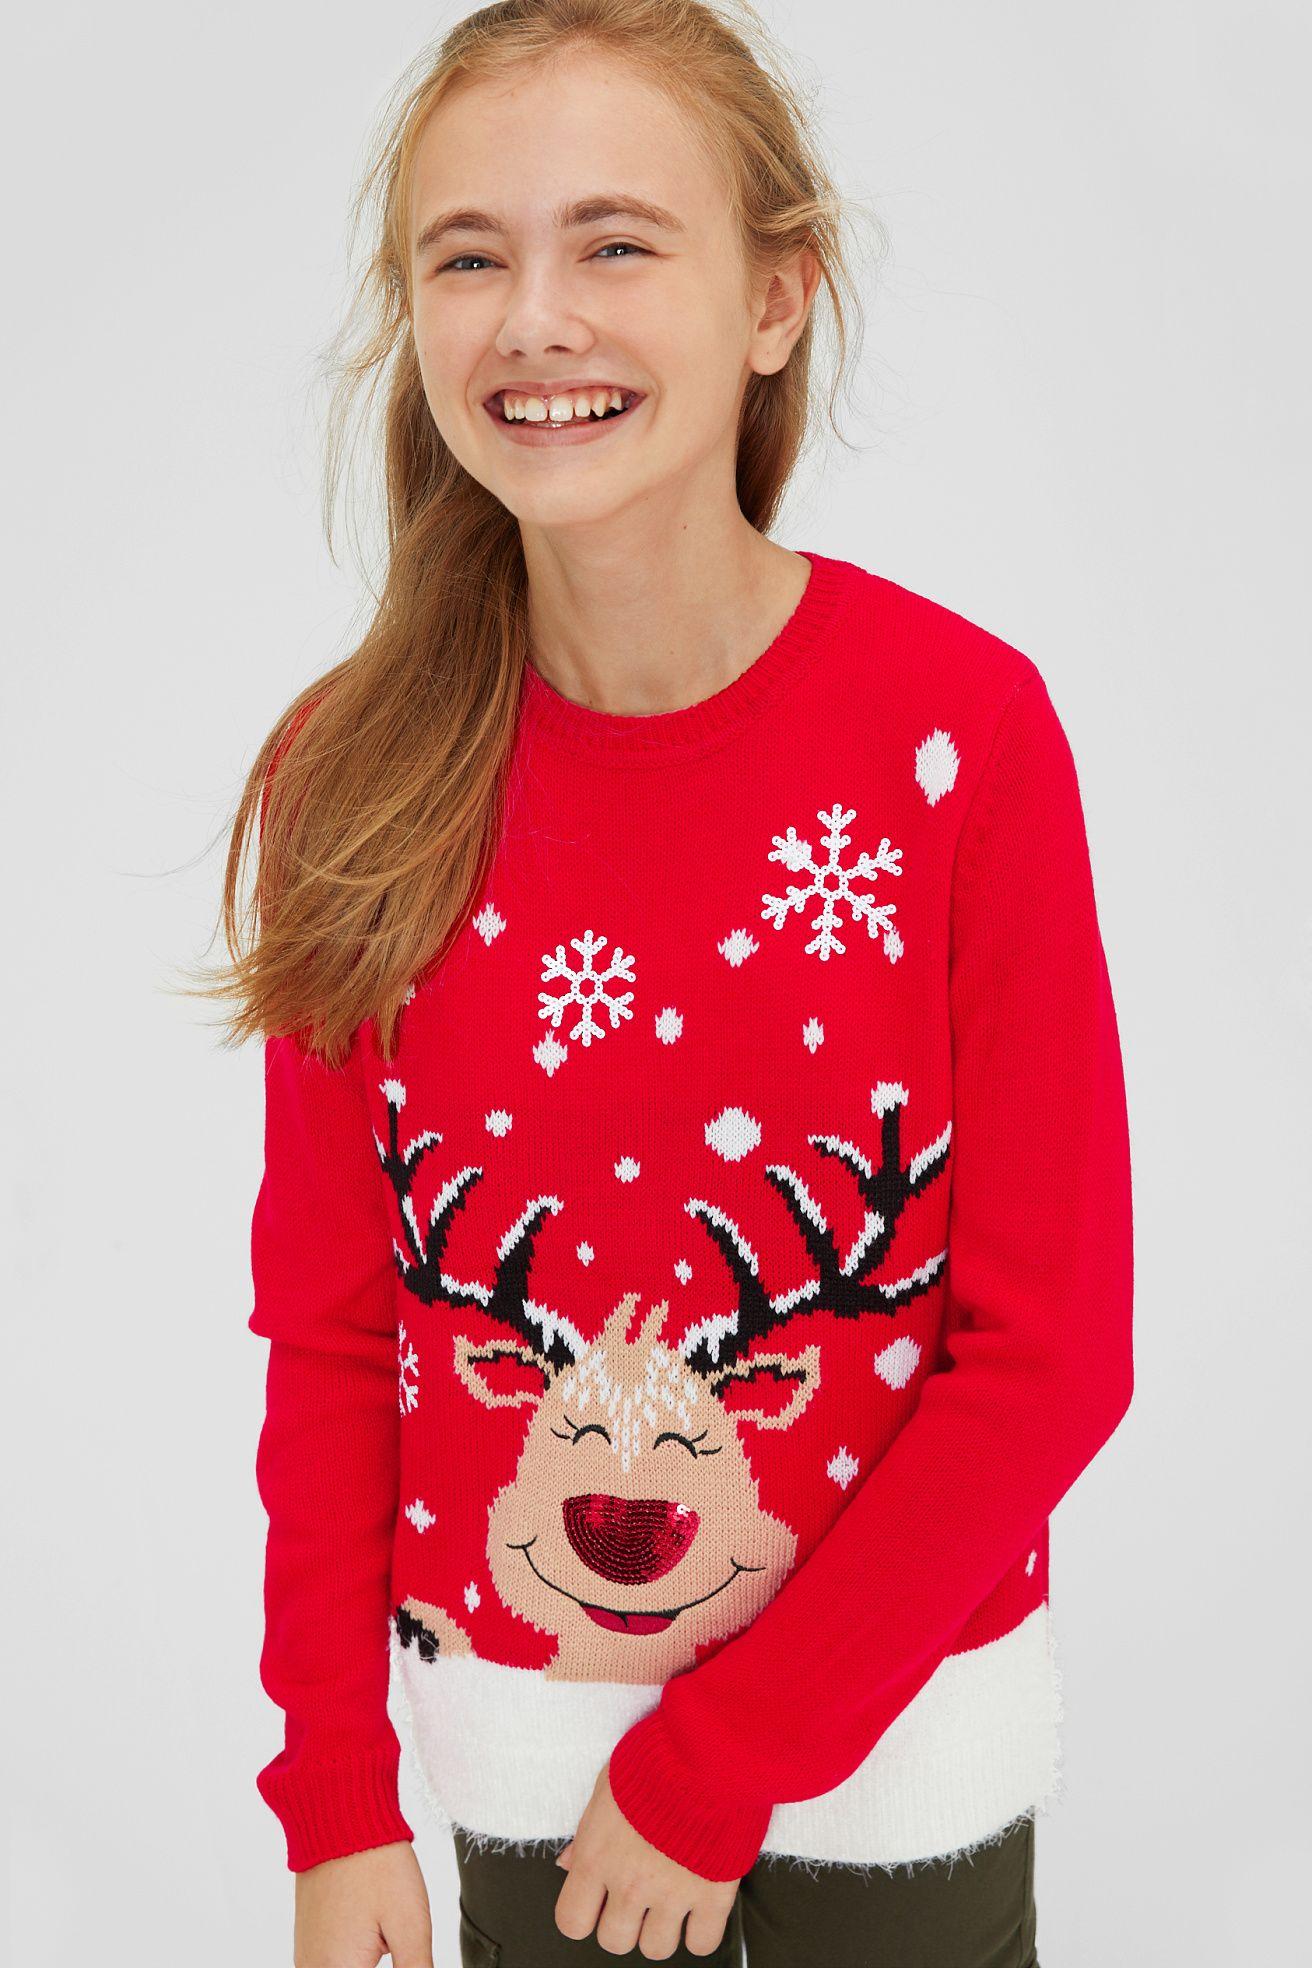 Weihnachtspullover - Glanz Effekt | Kinderbekleidung ...